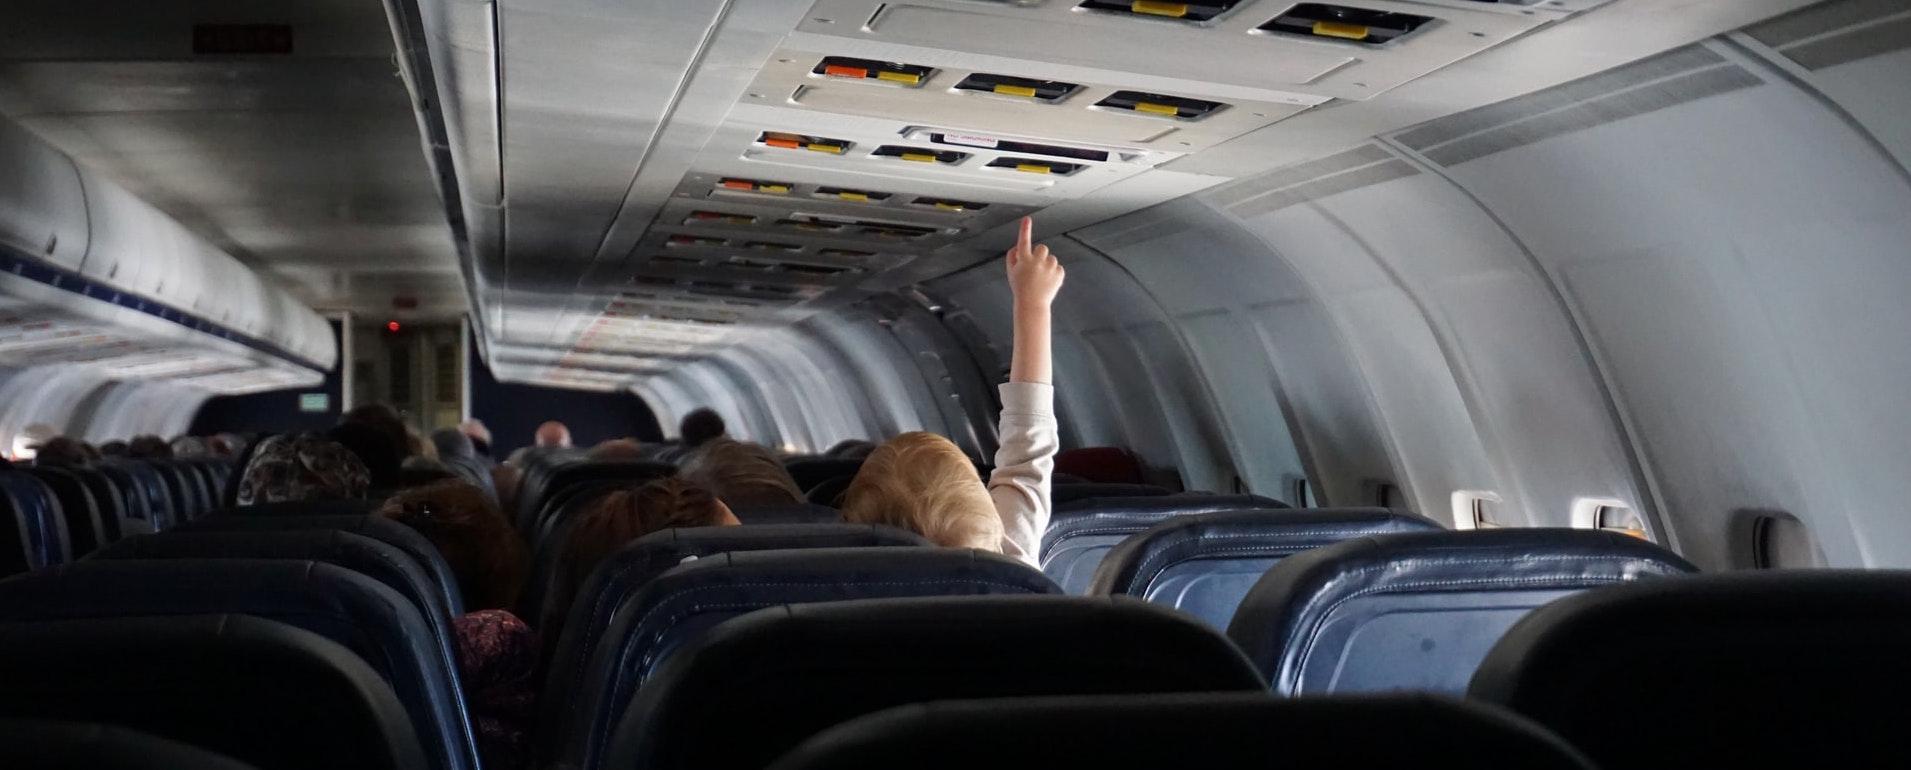 Barn på flygplan - resa med barn